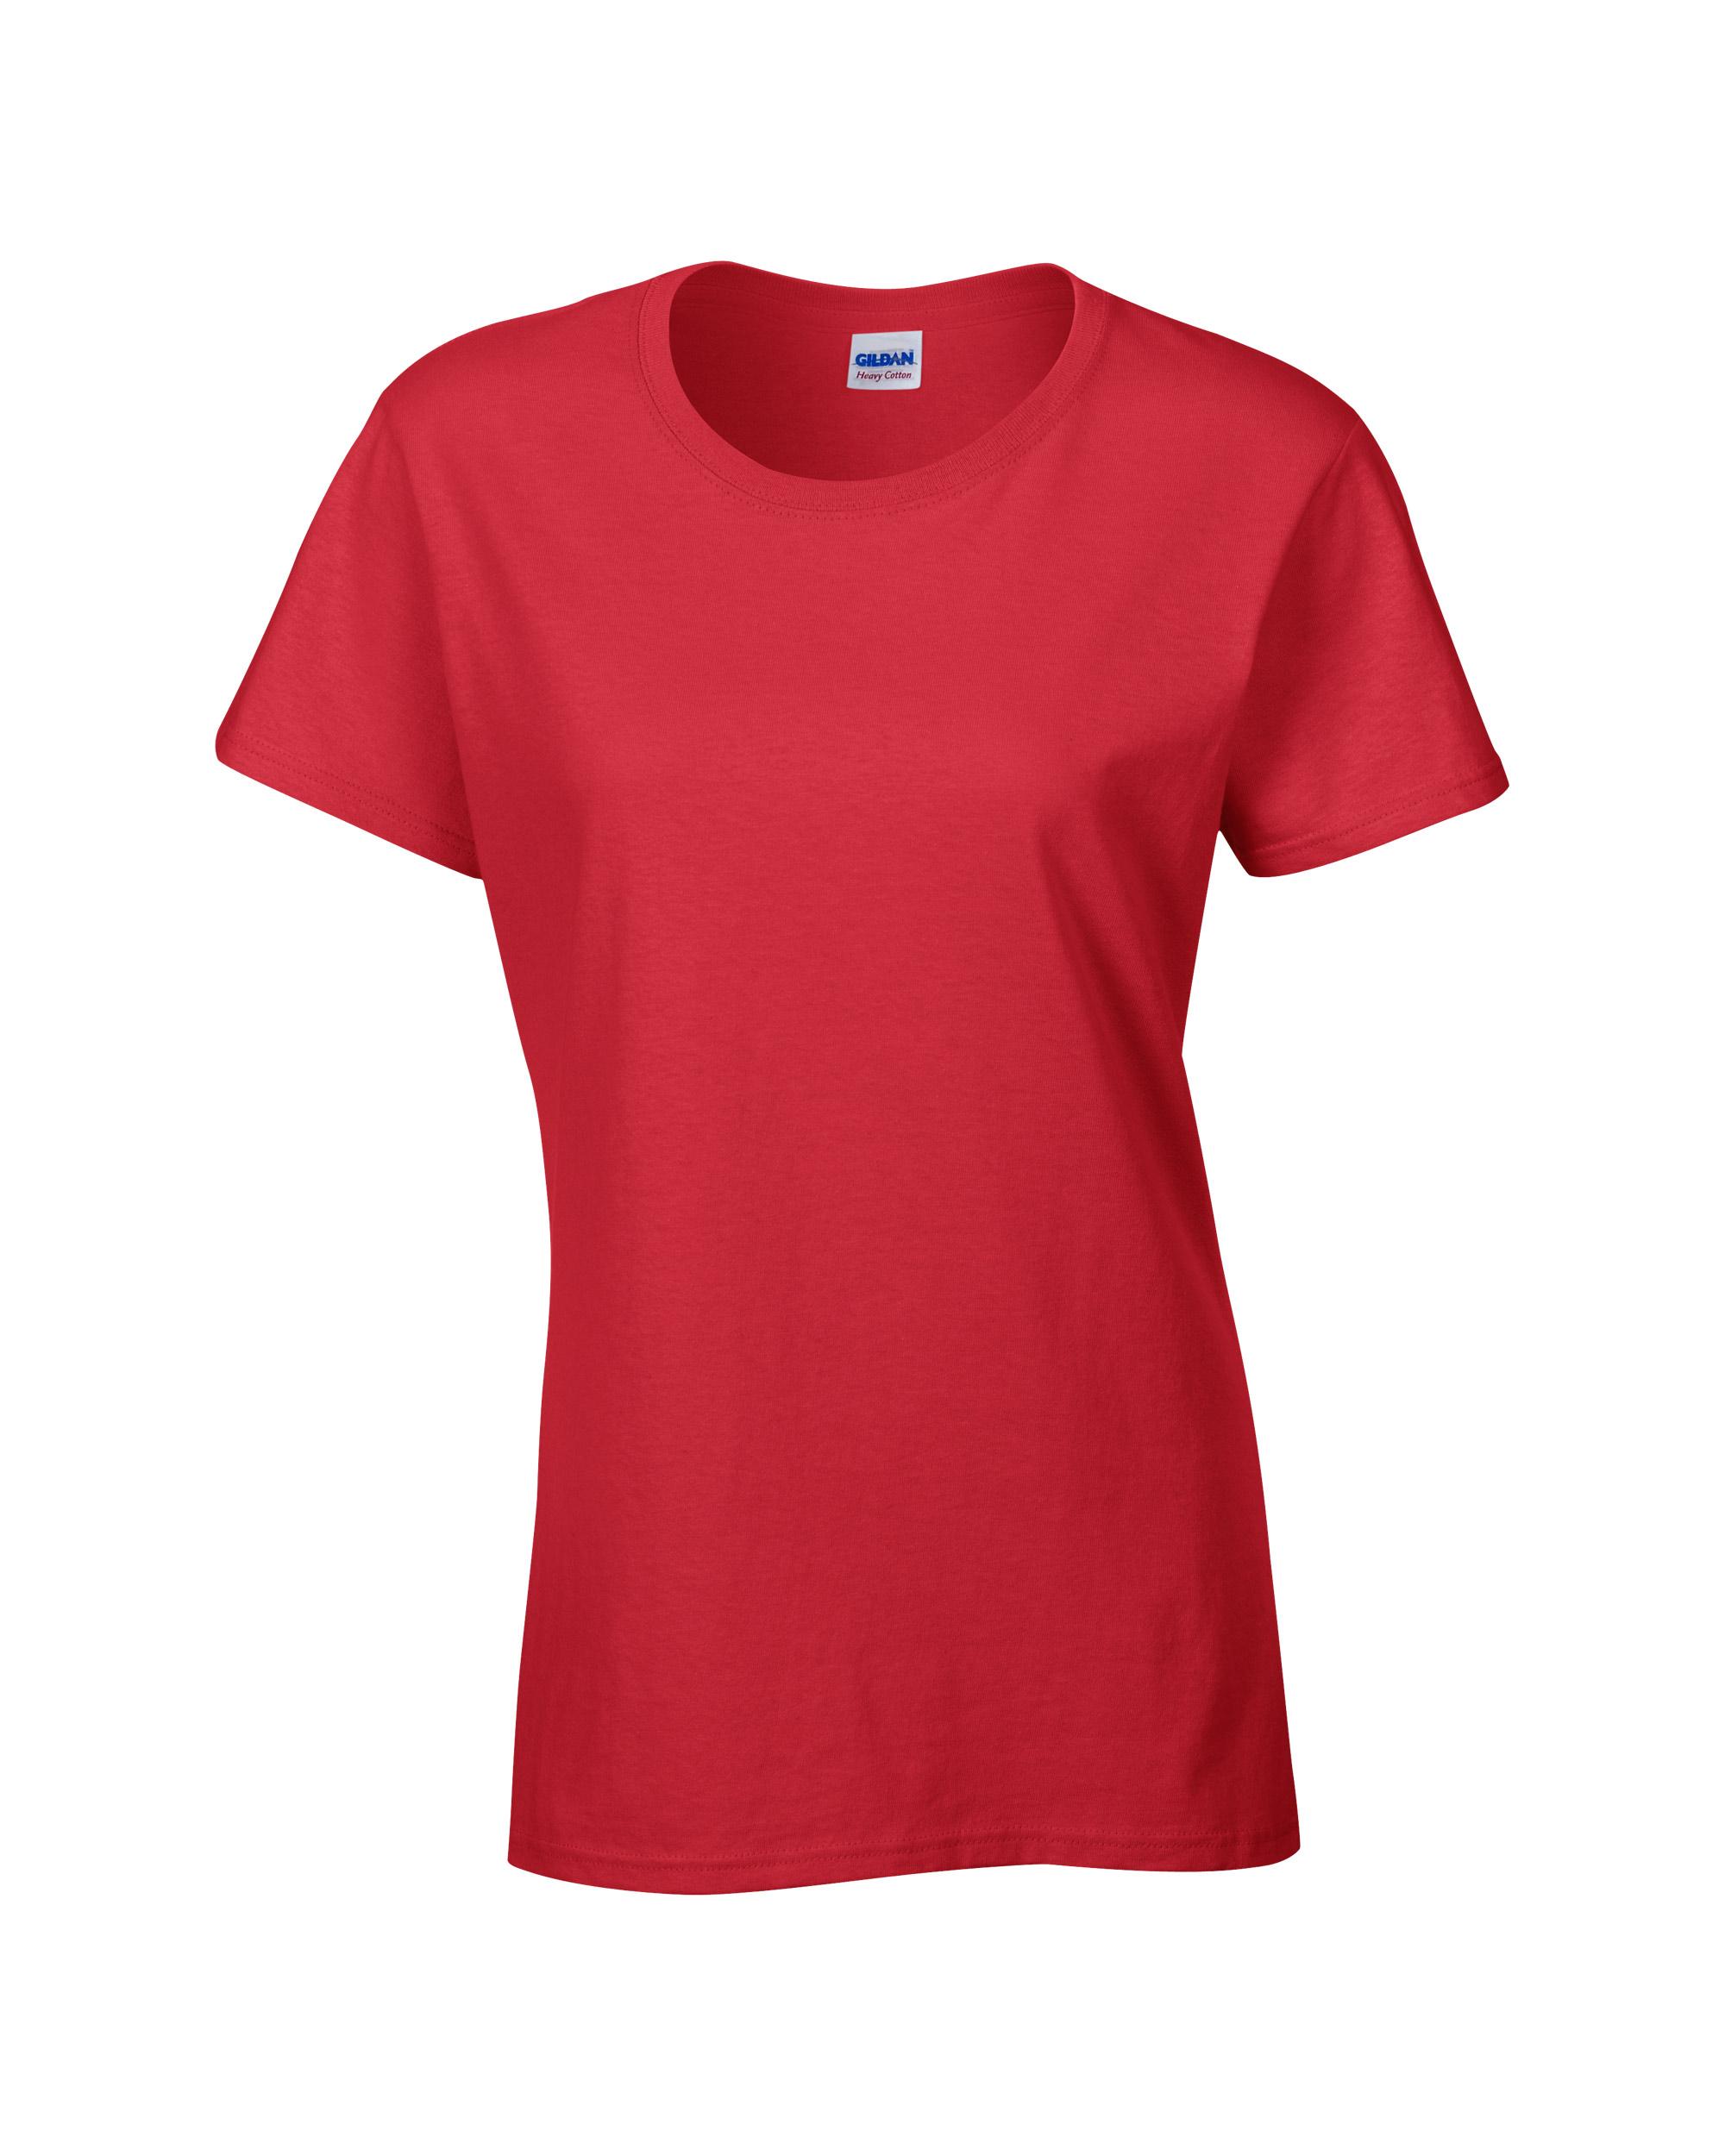 Gildan GD006 Ladies 100/% Heavy Cotton T-Shirt Top Sizes S-2XL